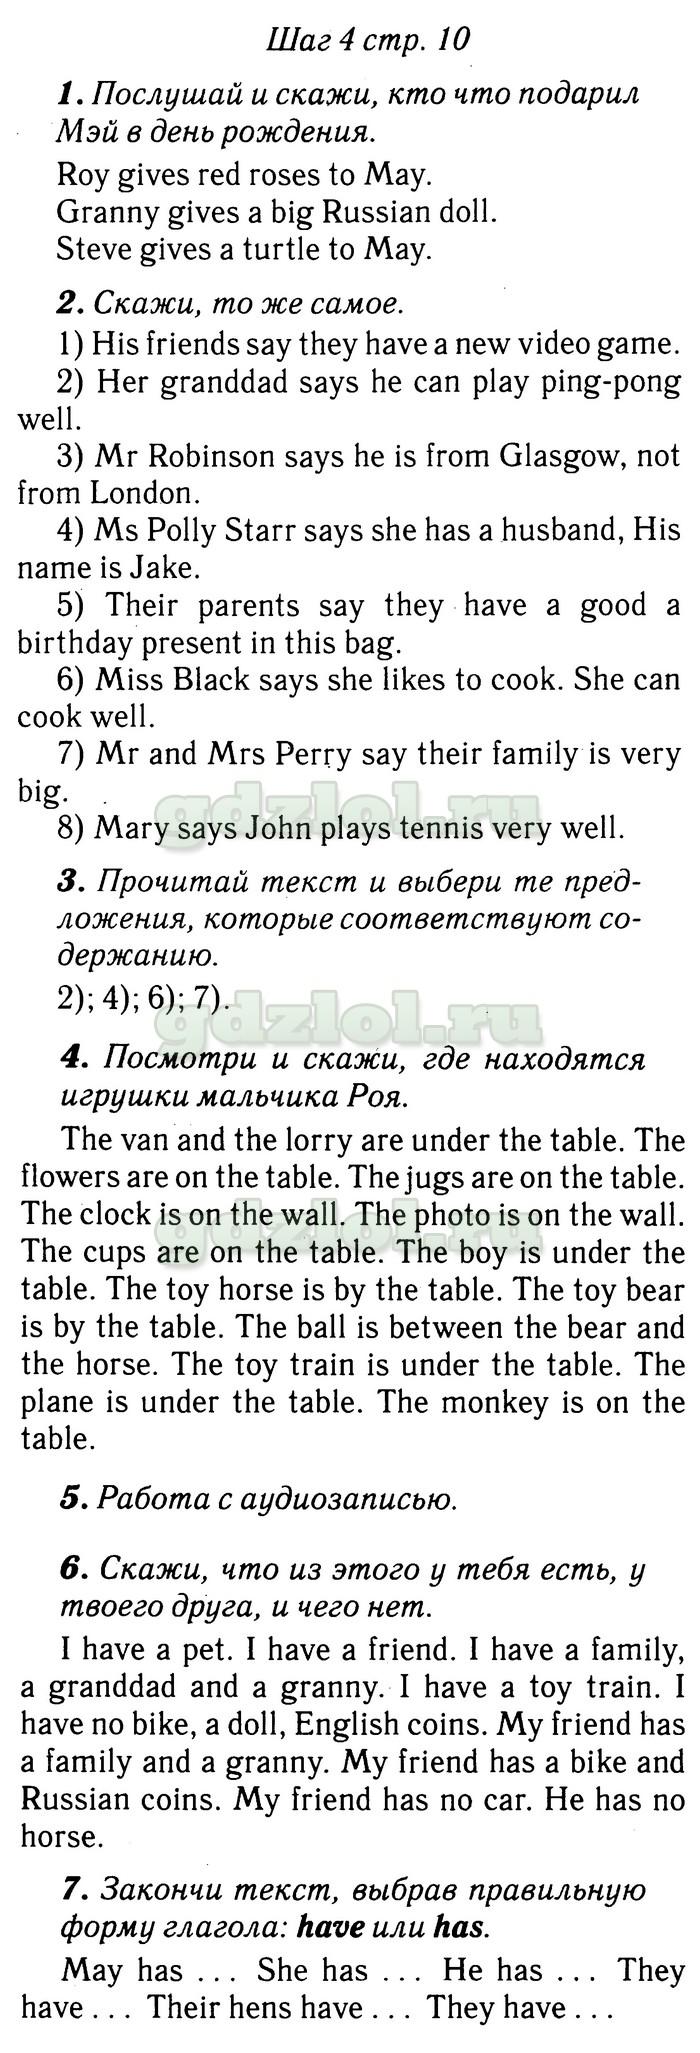 Перевод текста royal london 6 класс